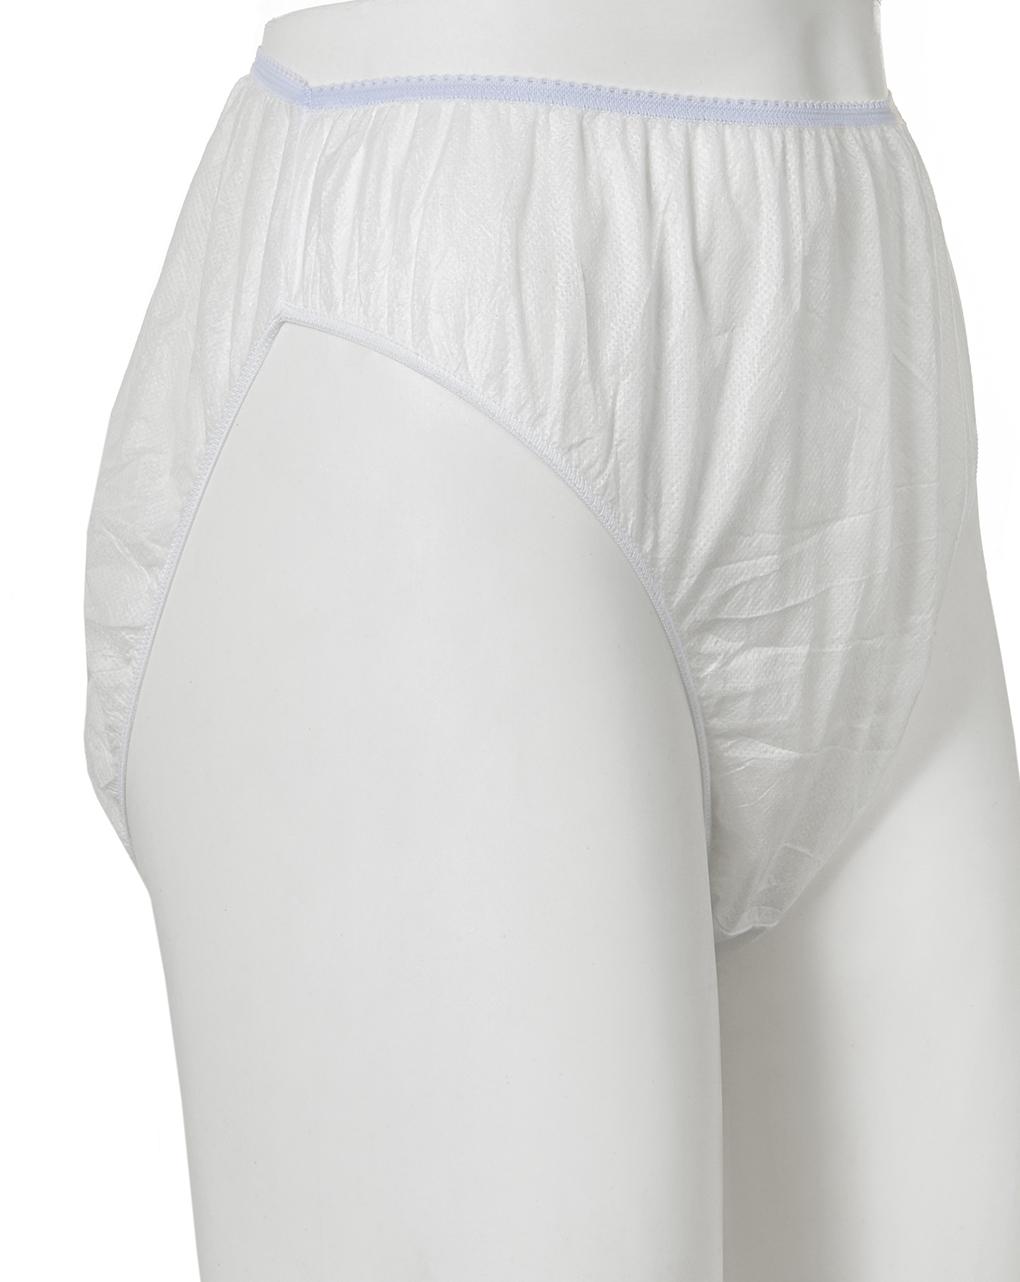 Pacote de 5 pares de cuecas descartáveis - Prénatal